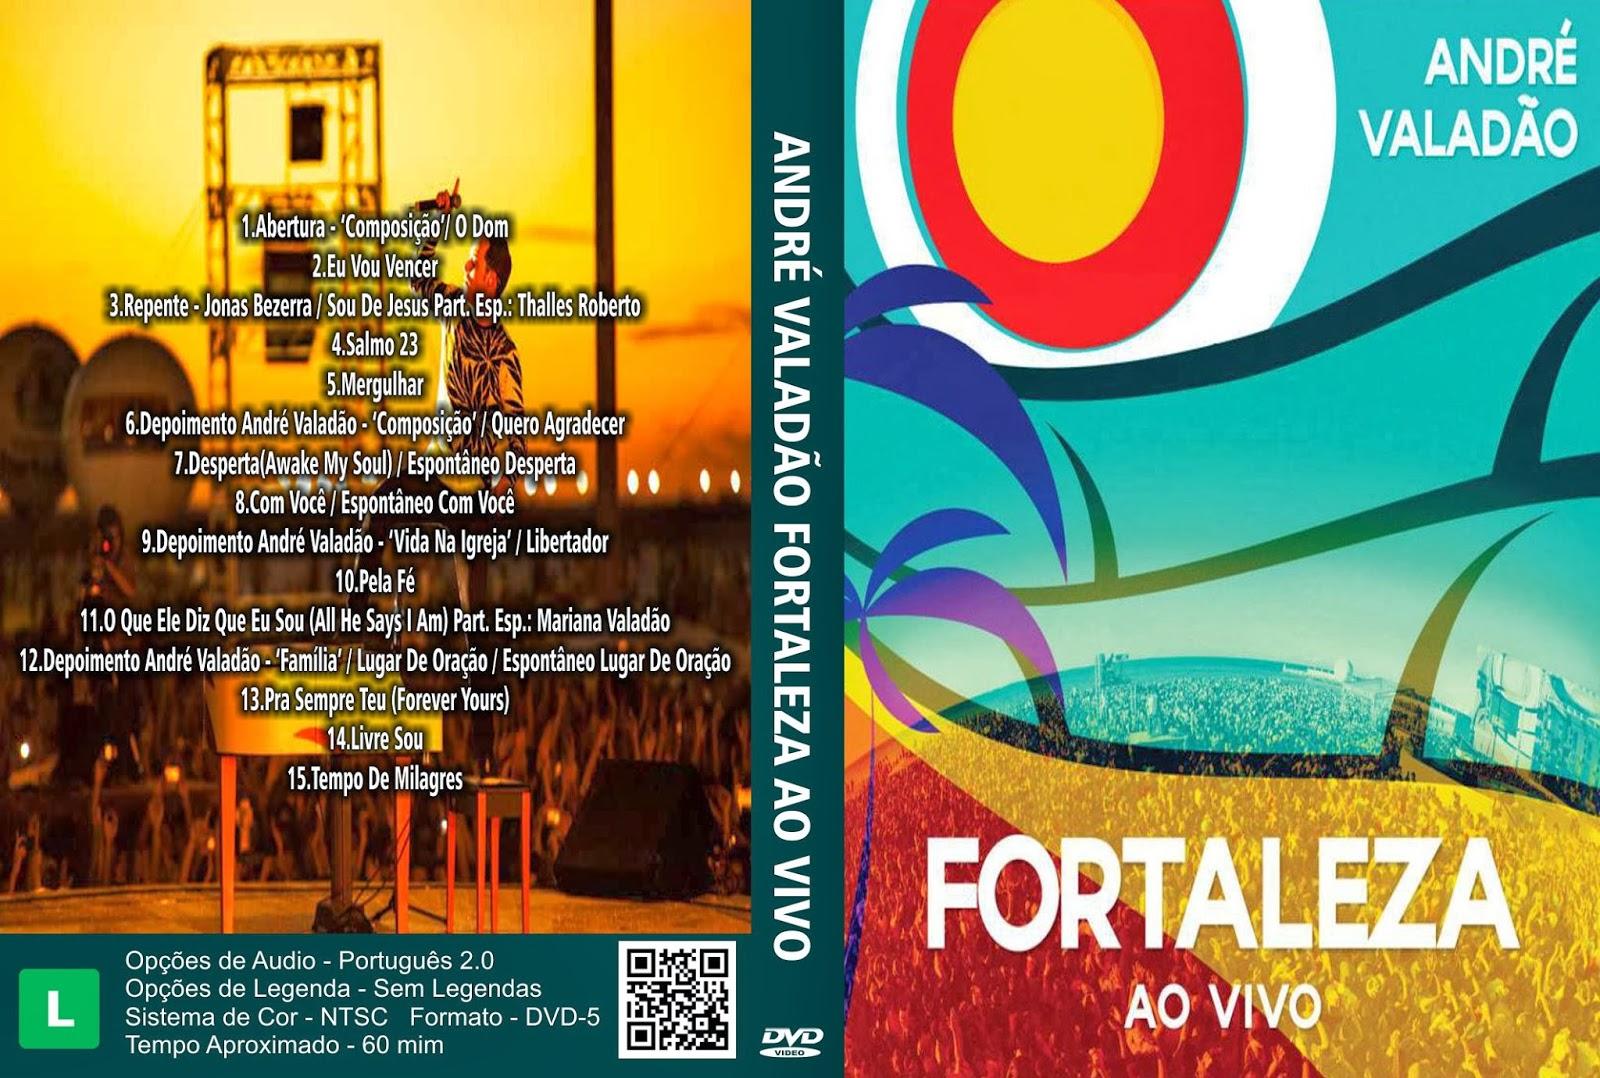 André Valadão Fortaleza Ao Vivo DVDRip XviD 2013 ANDRE VALAD C3 83O   FORTALEZA AO VIVO DVD